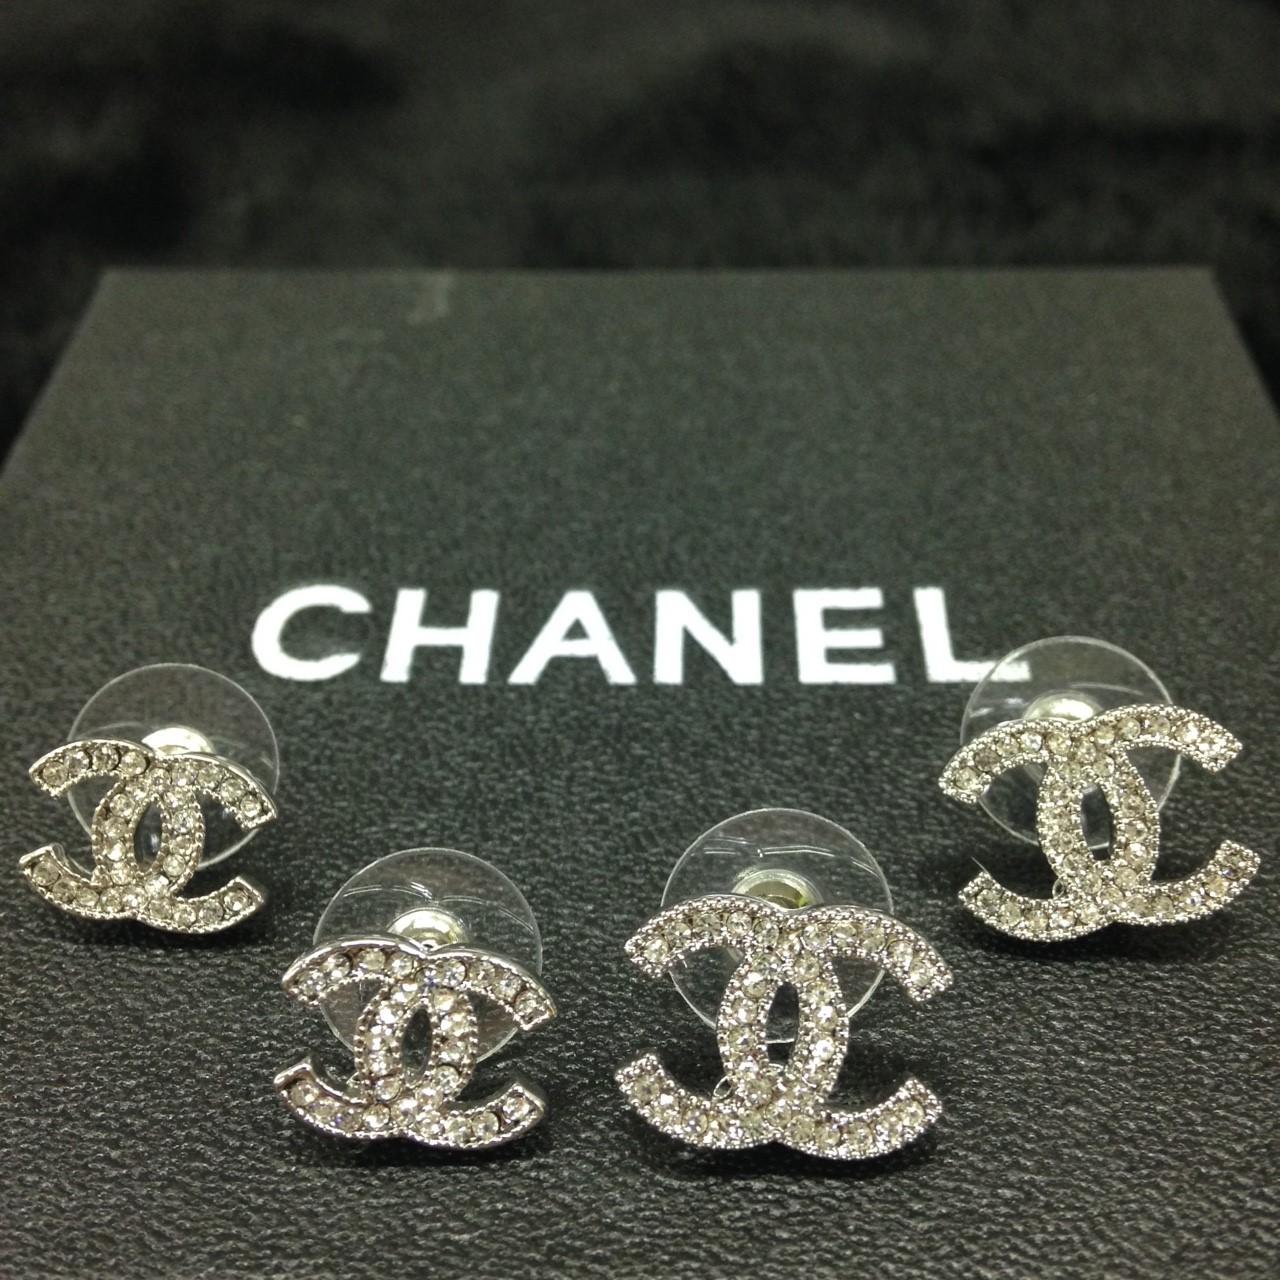 Double C Stud Earring